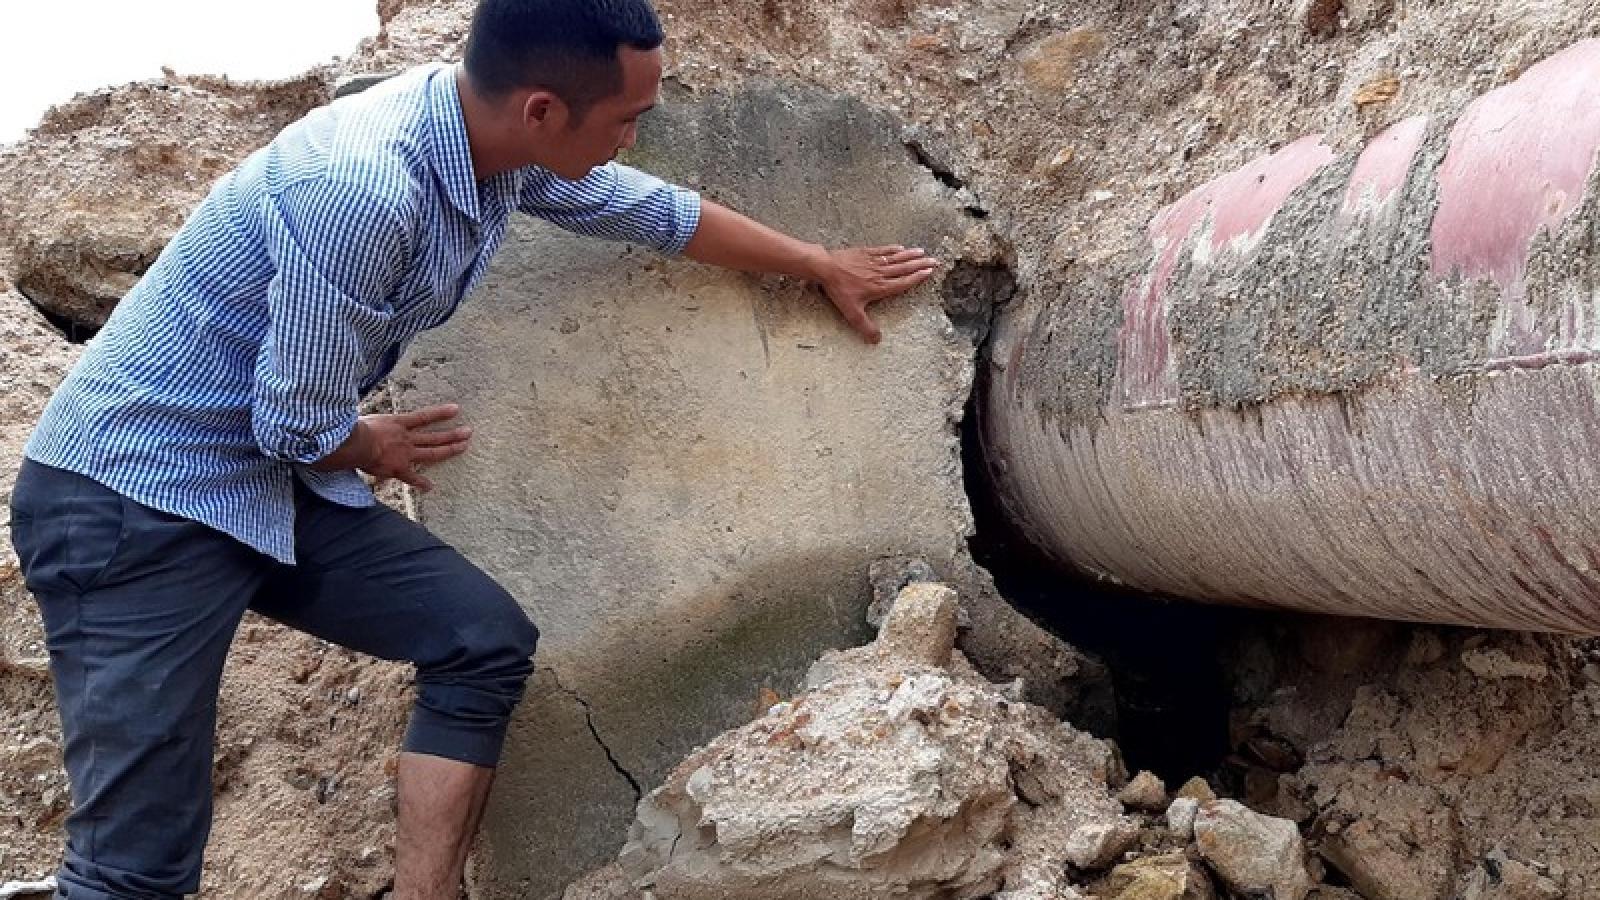 Công trình thuỷ lợi 119 tỷ đồng ở Gia Lai chưa nghiệm thu đã tan nát